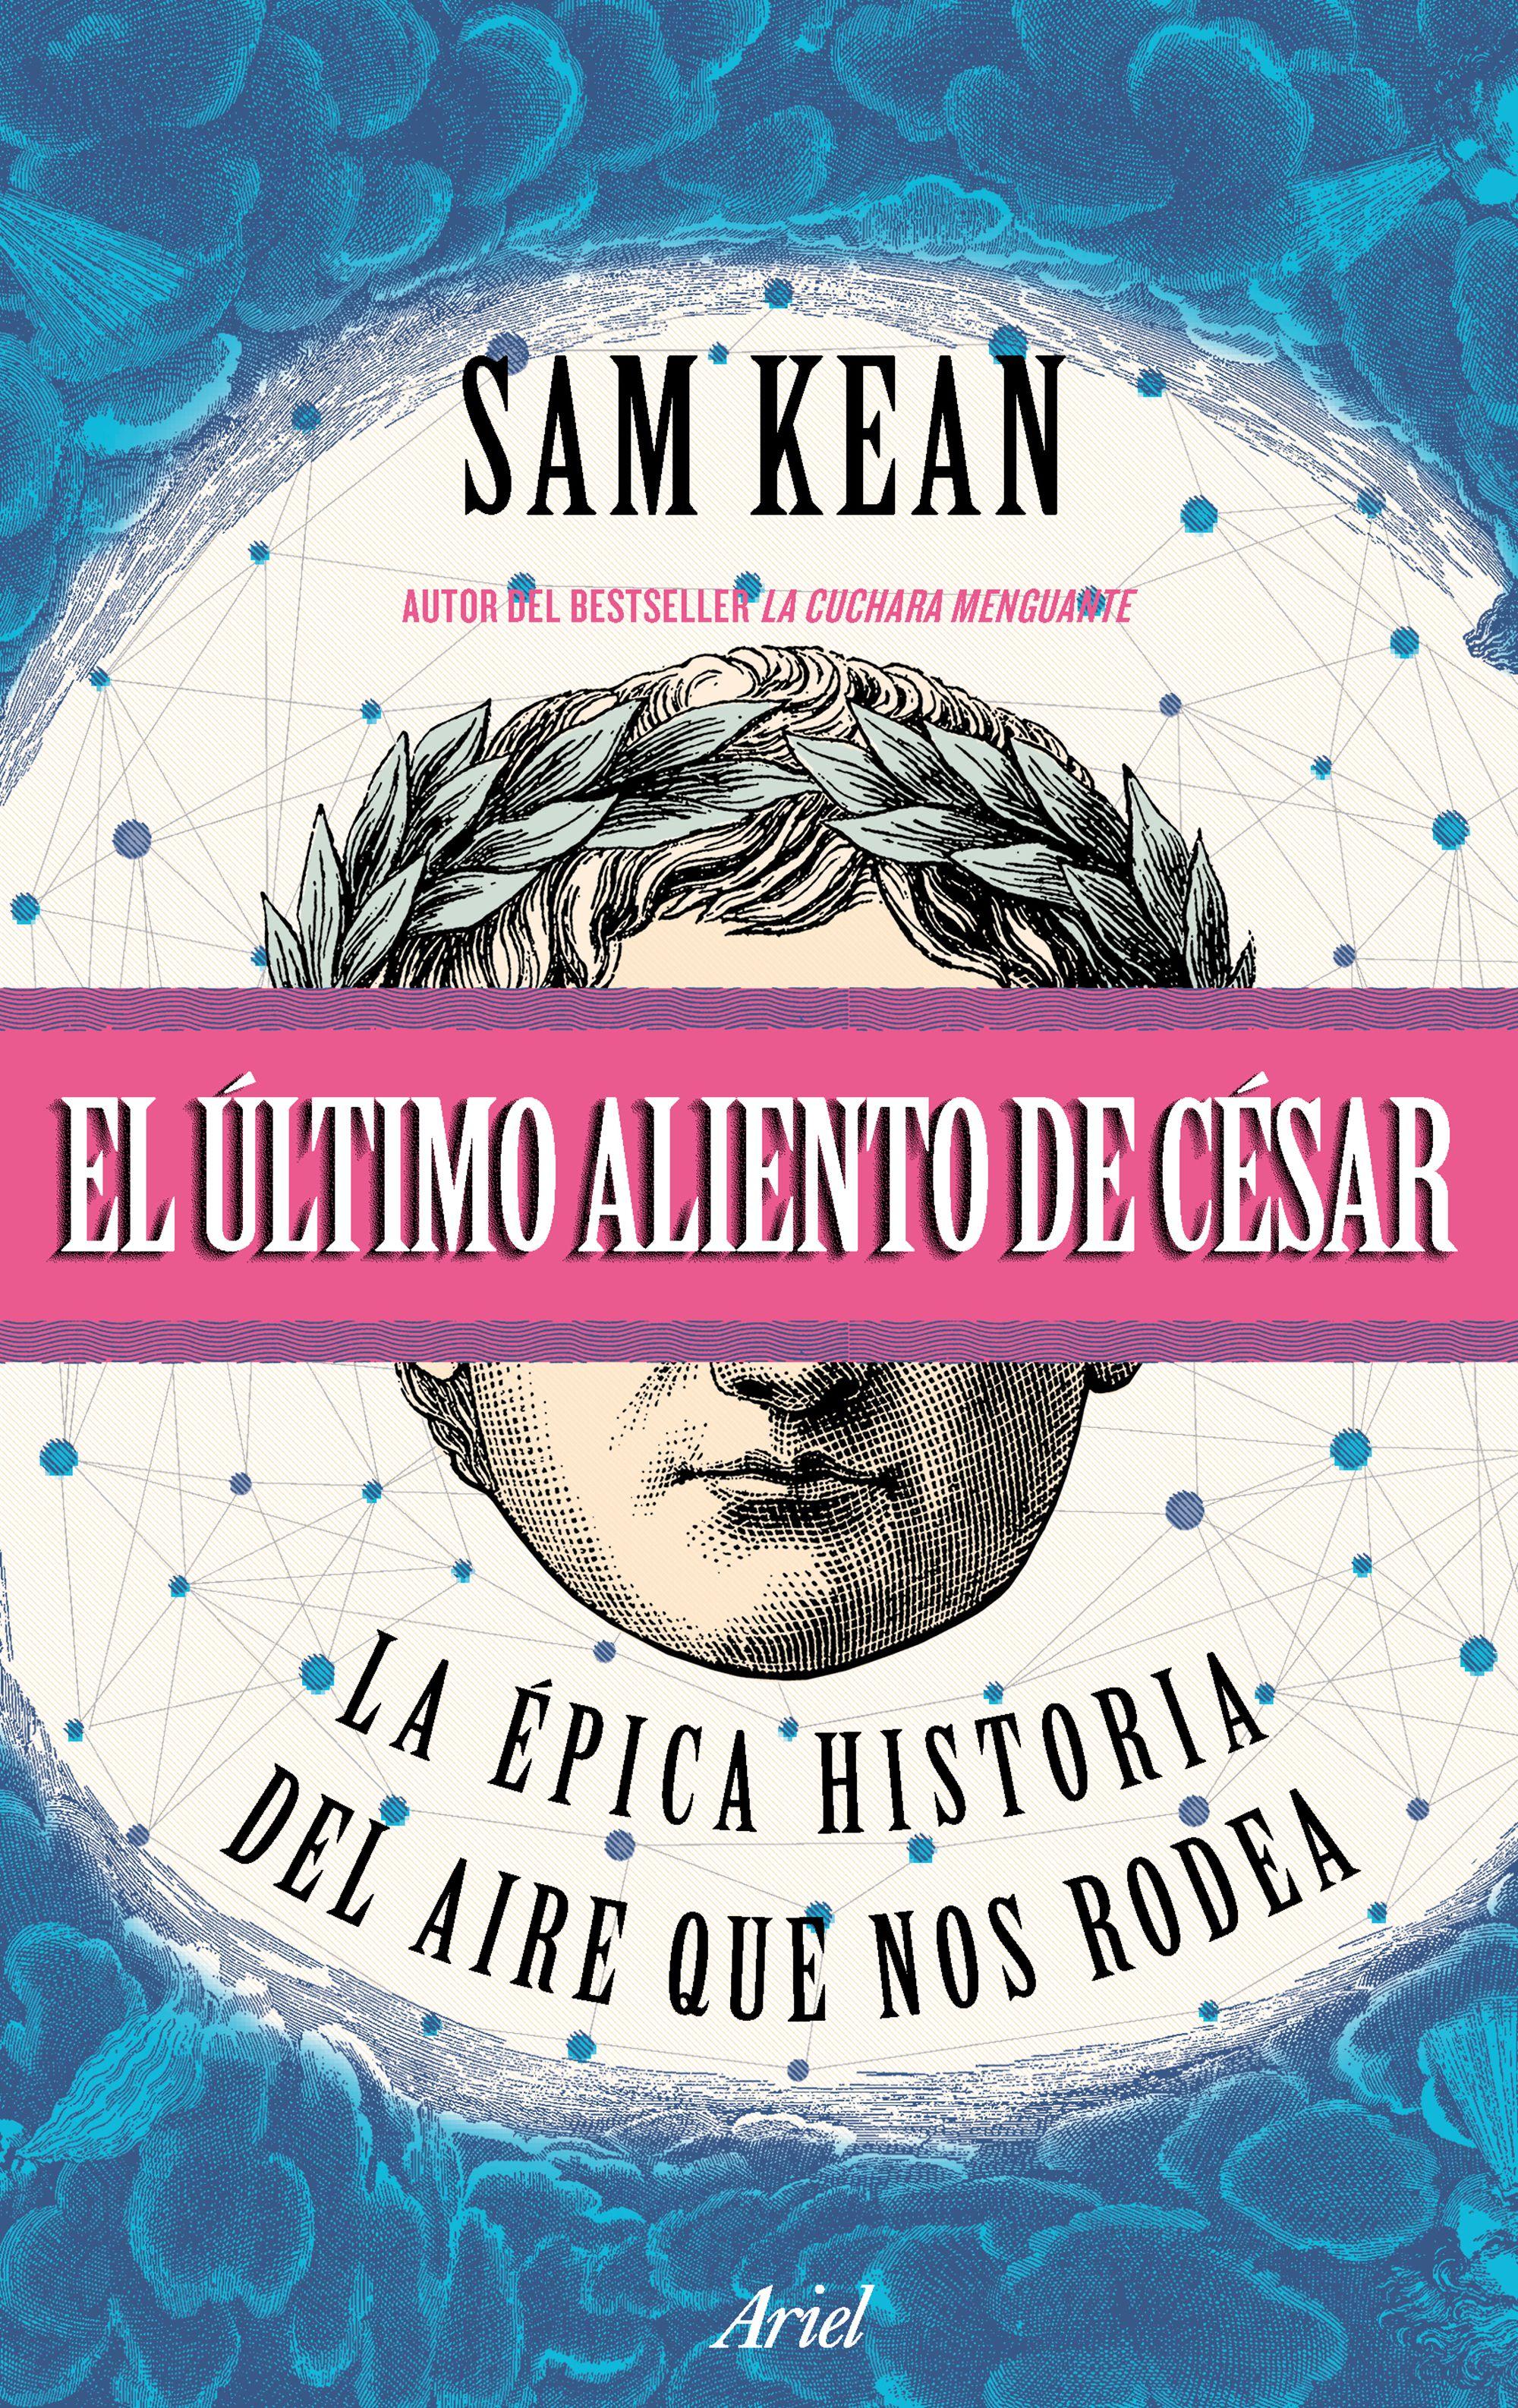 El último aliento de César